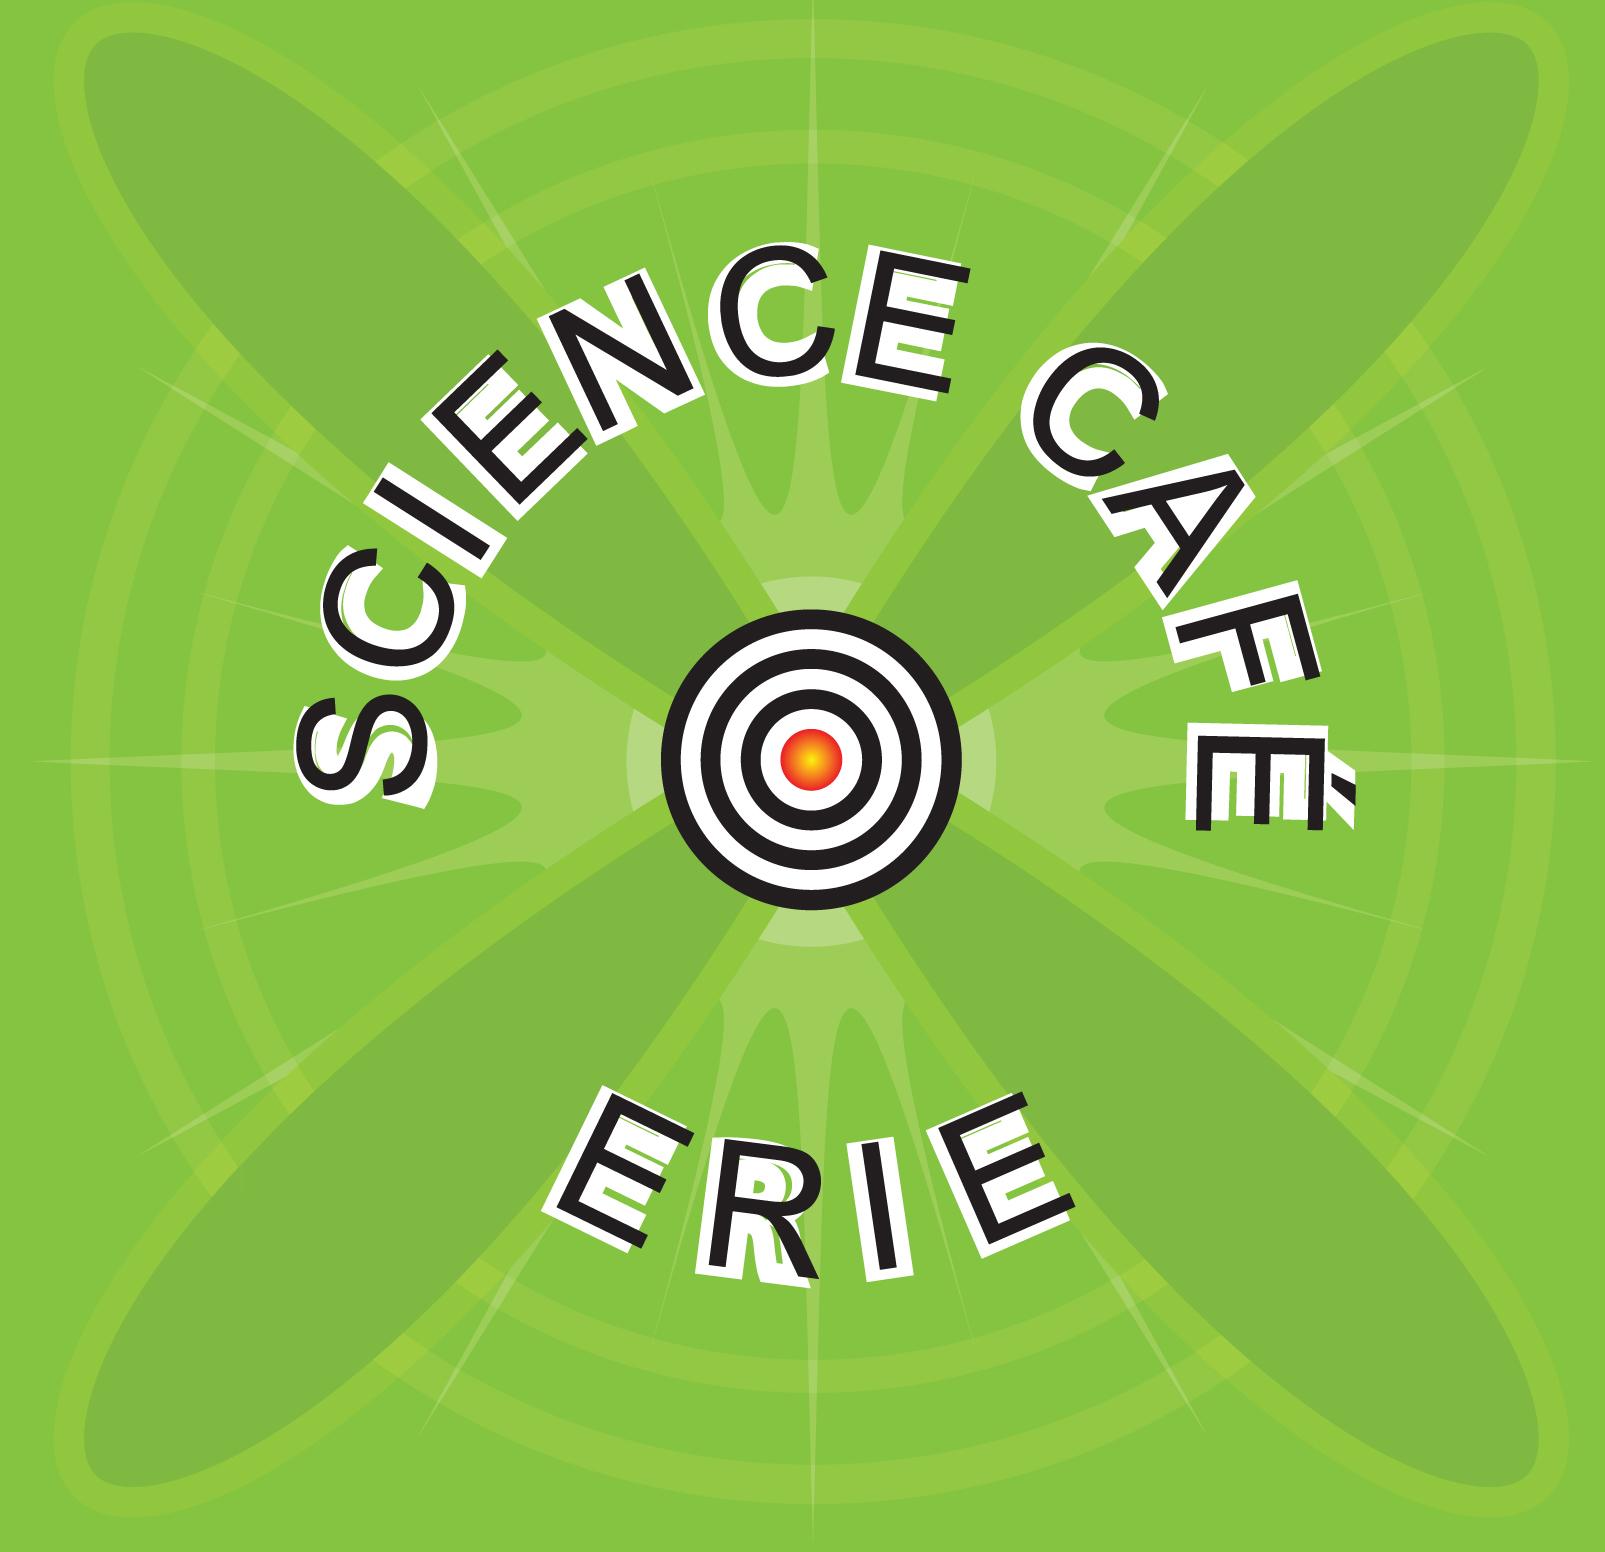 Science Cafe Calamari S